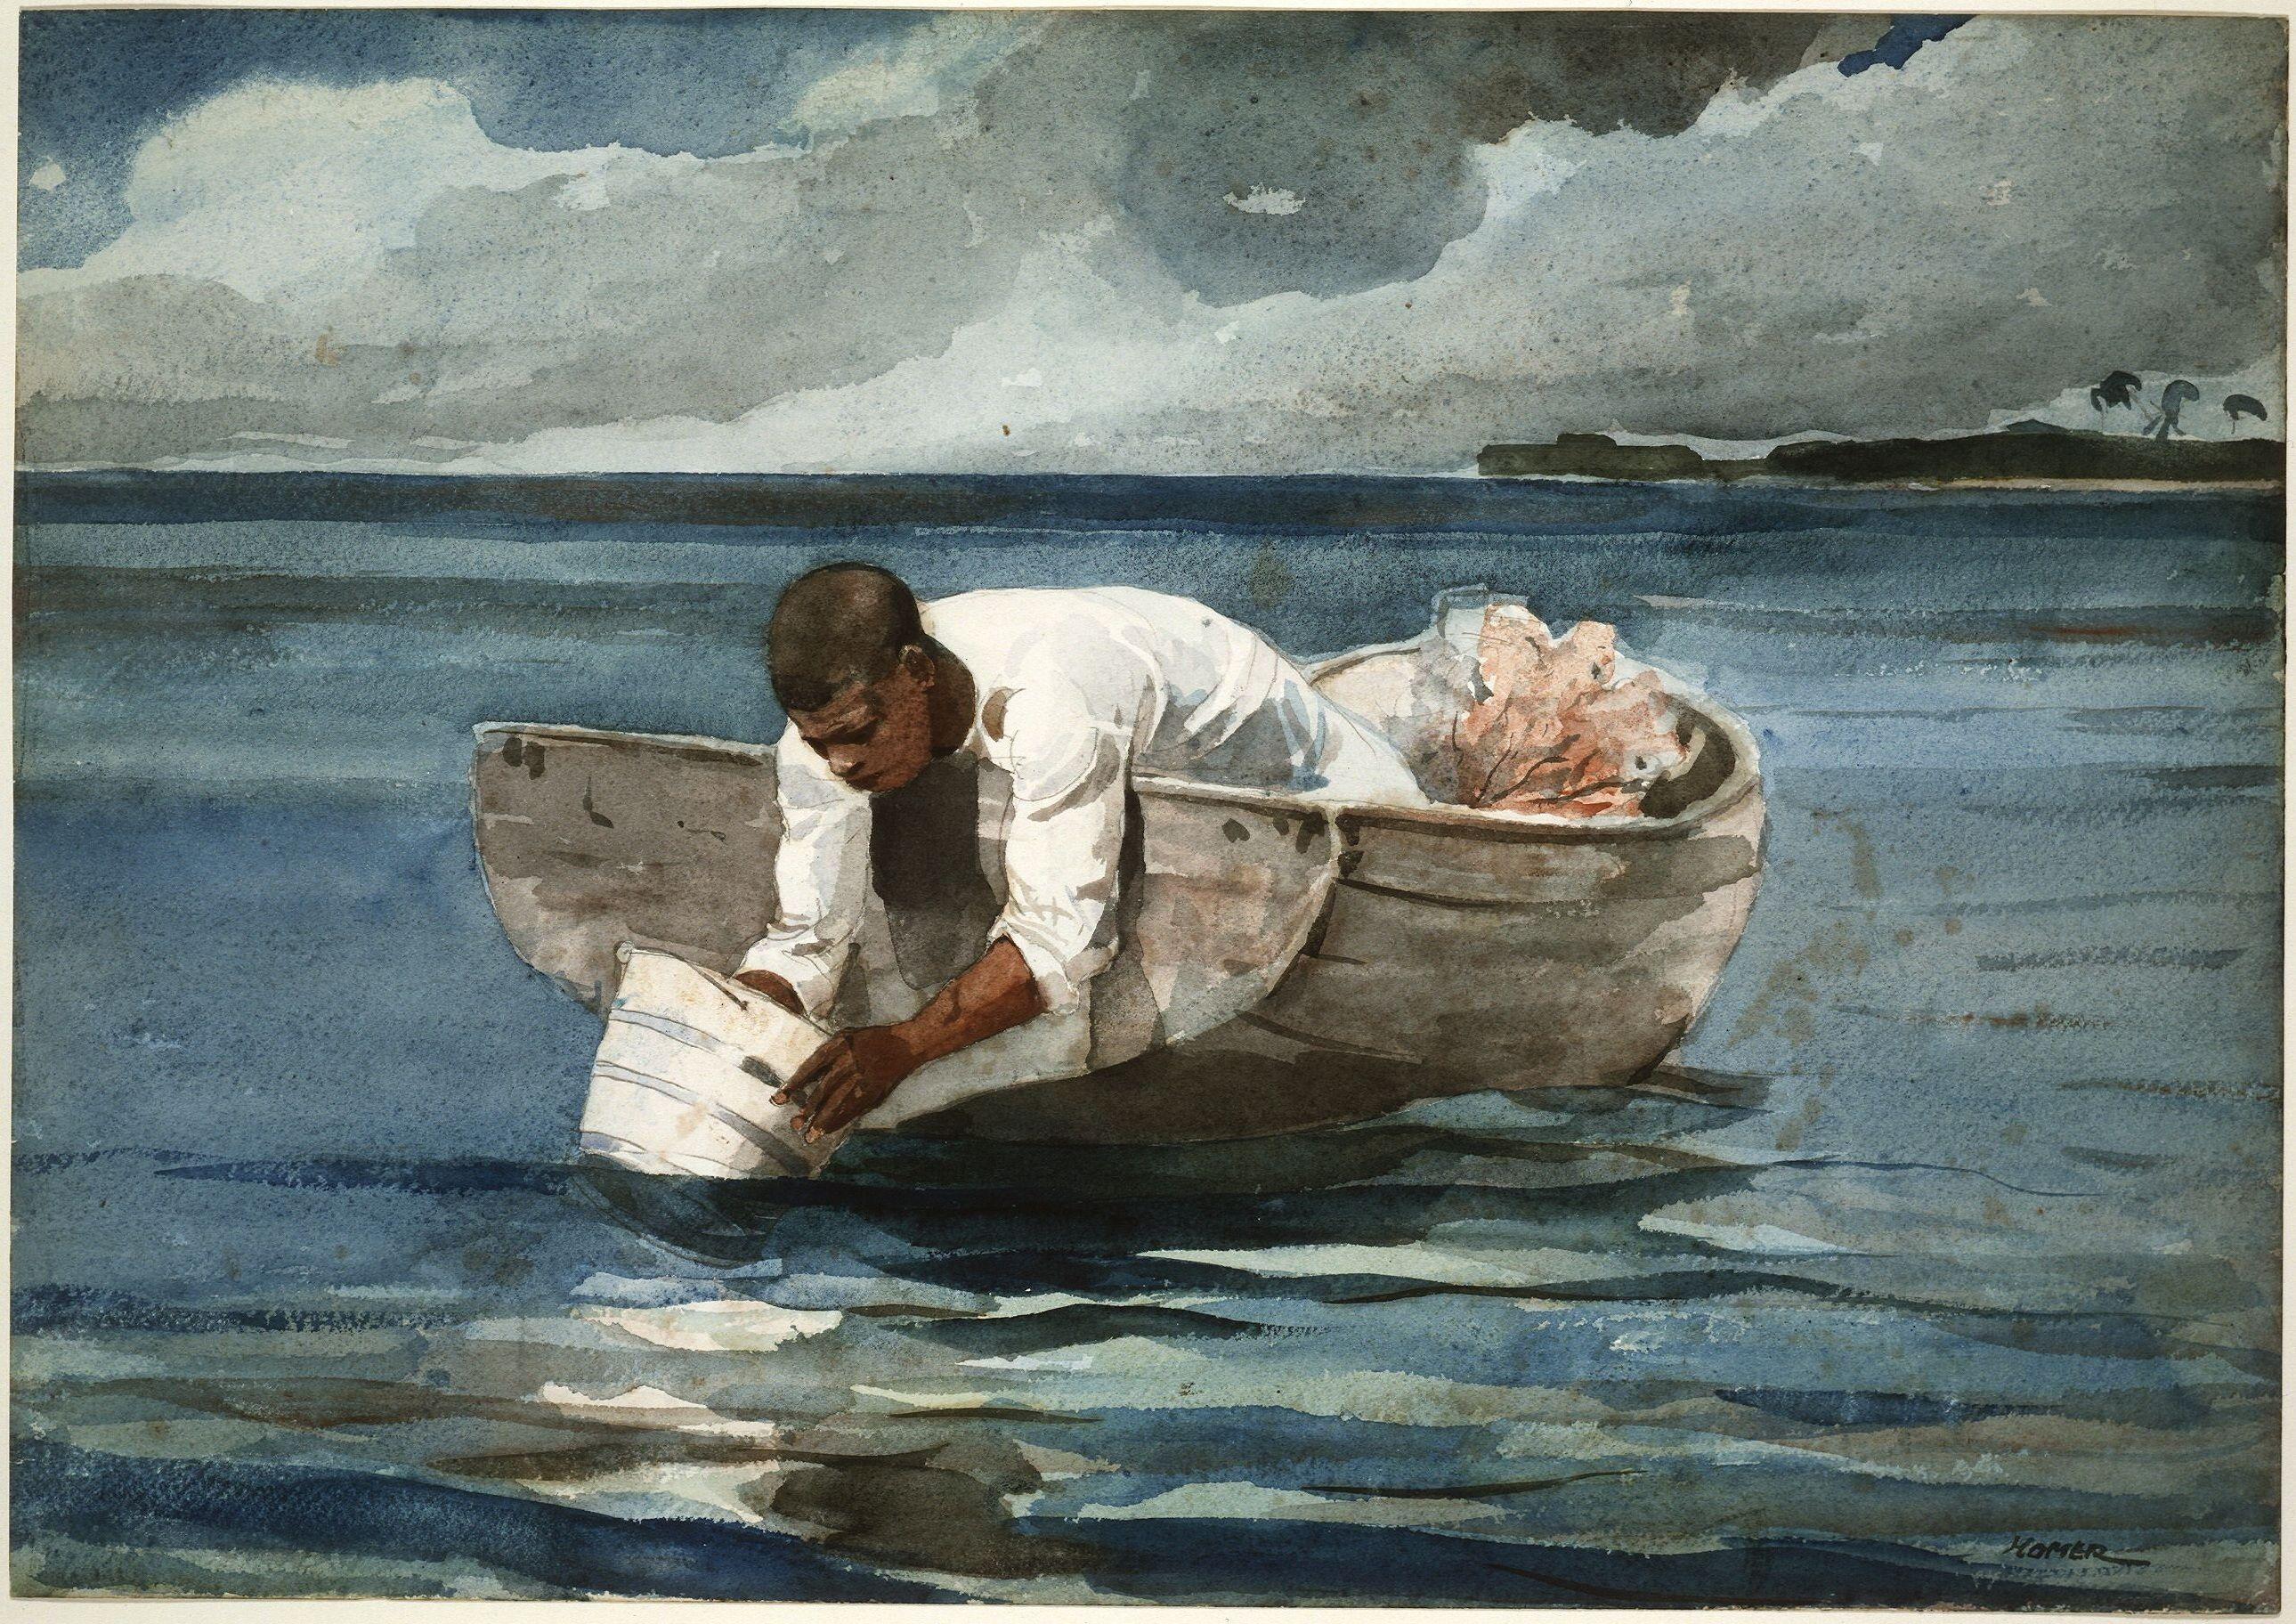 Winslow Homer 1890 Fl Art Csg047 Winslow Homer Winslow Homer